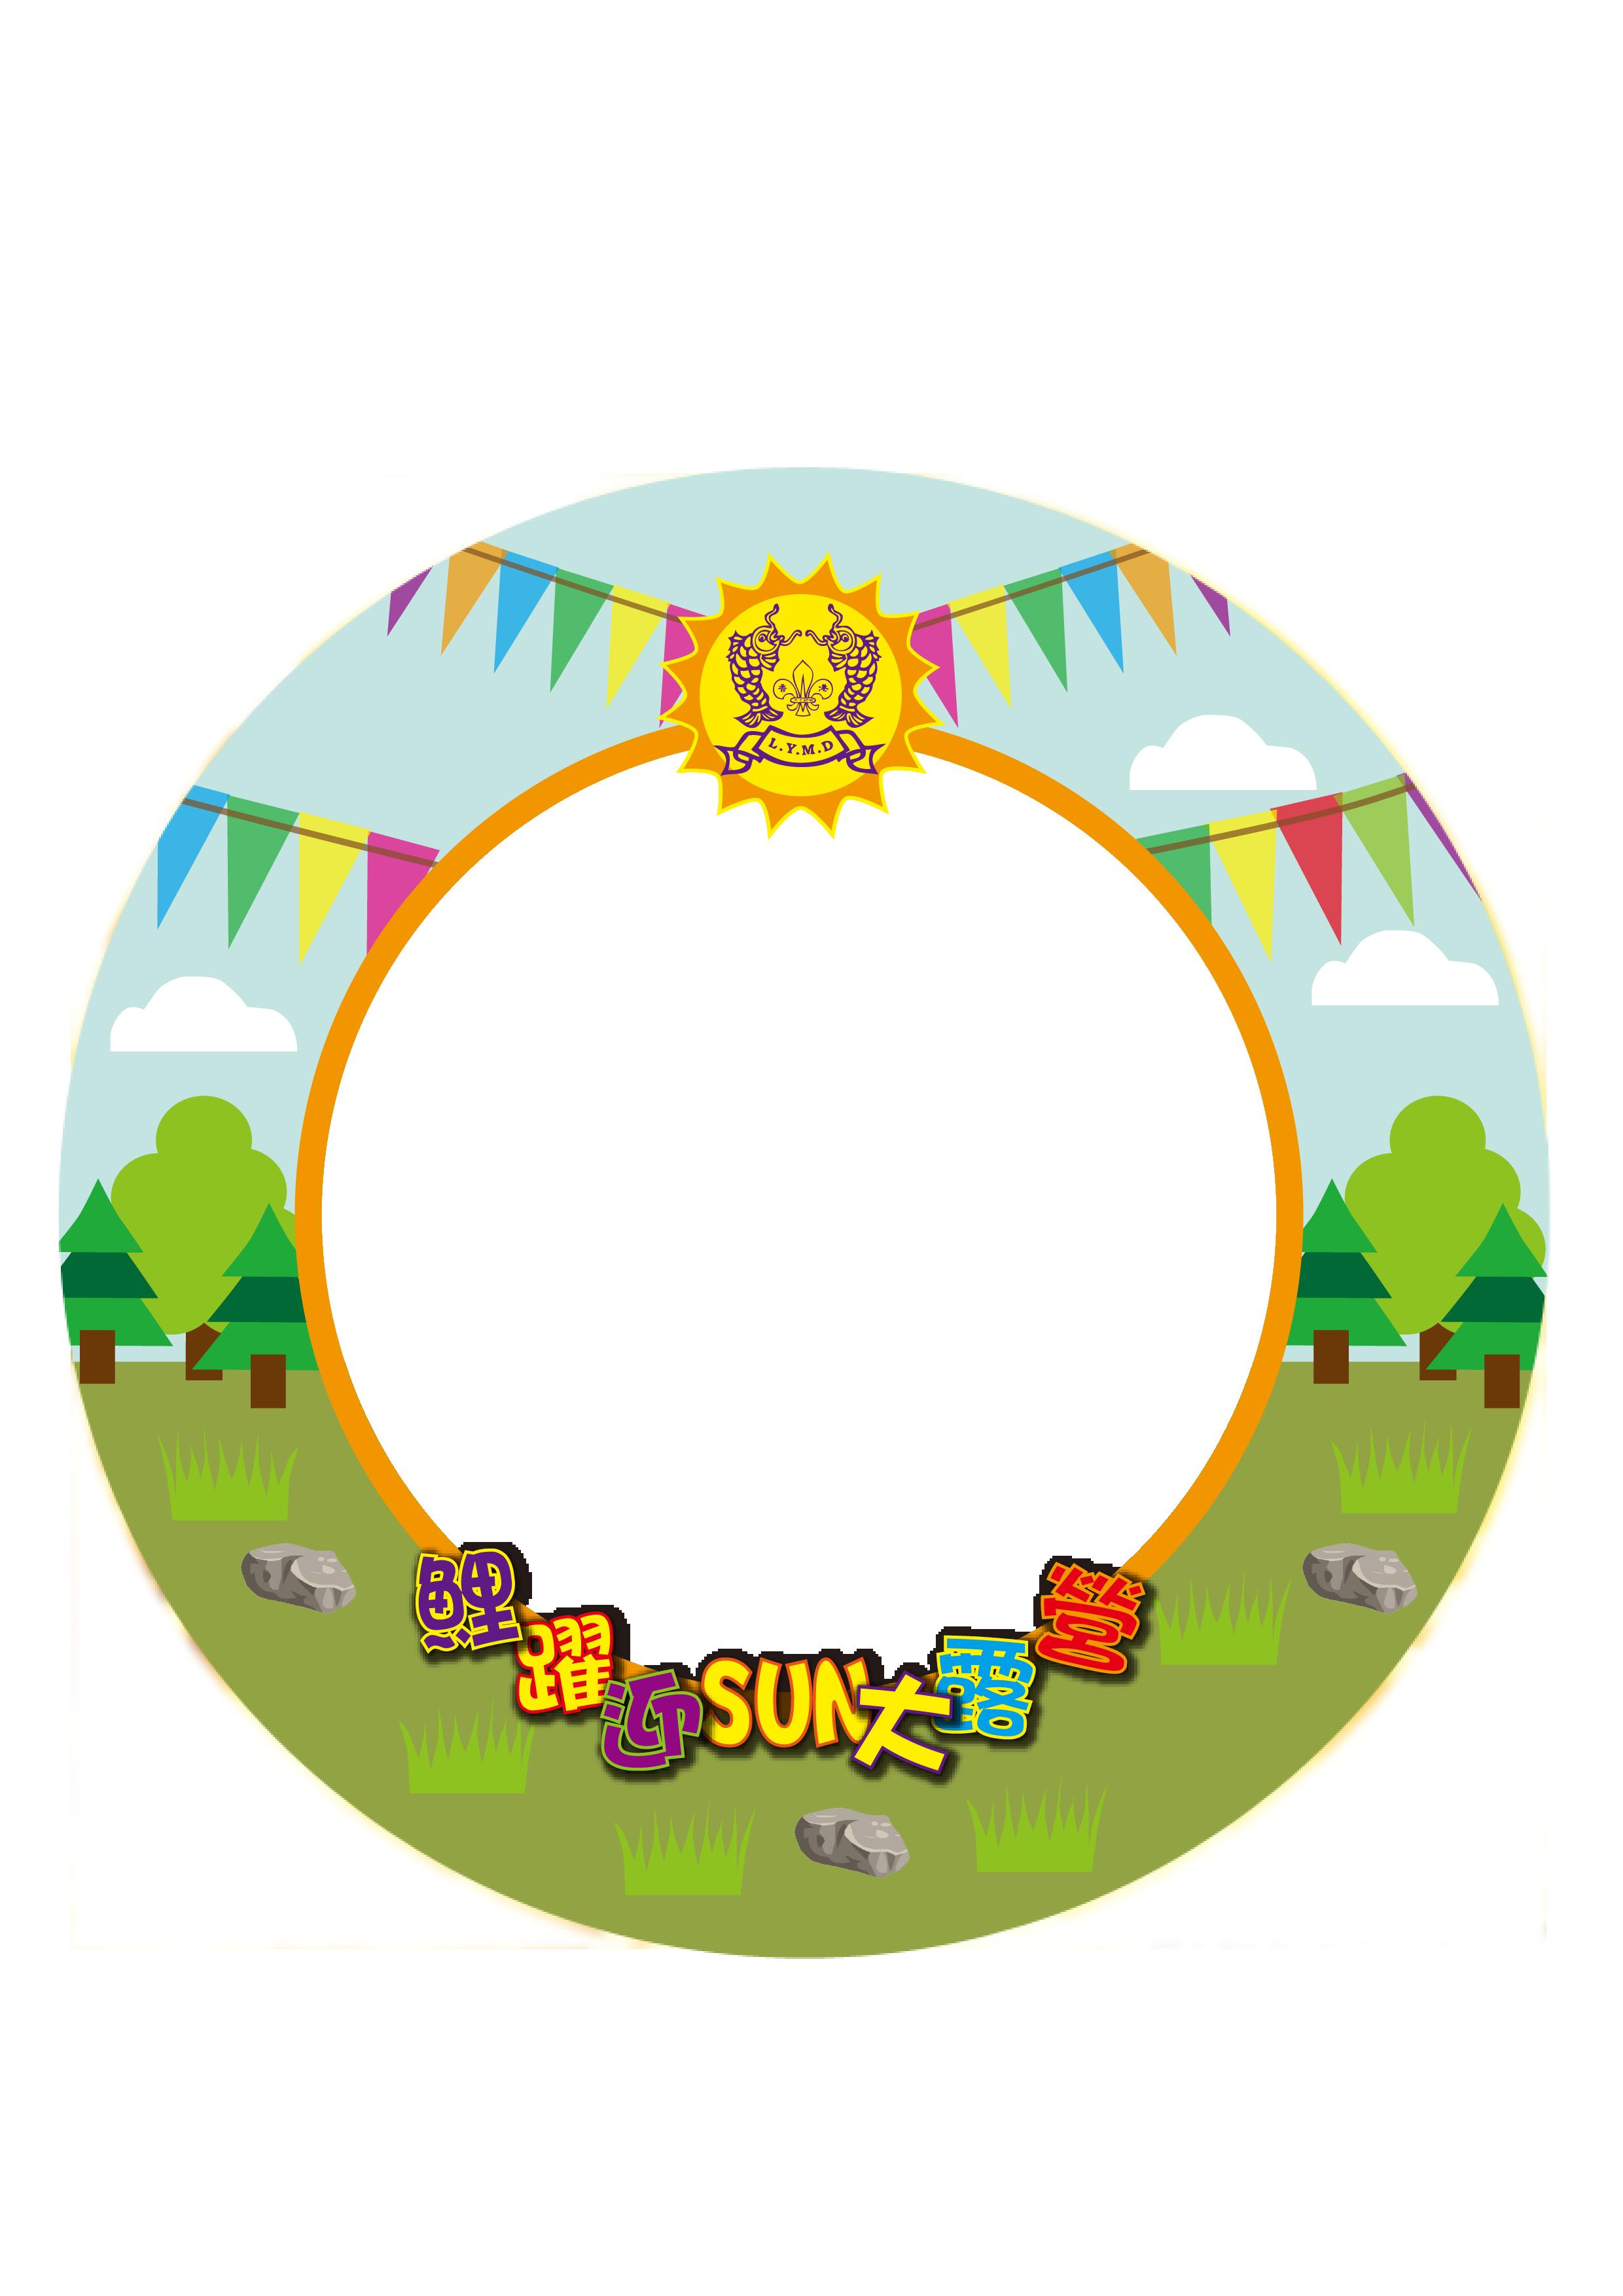 Round_party_balloon